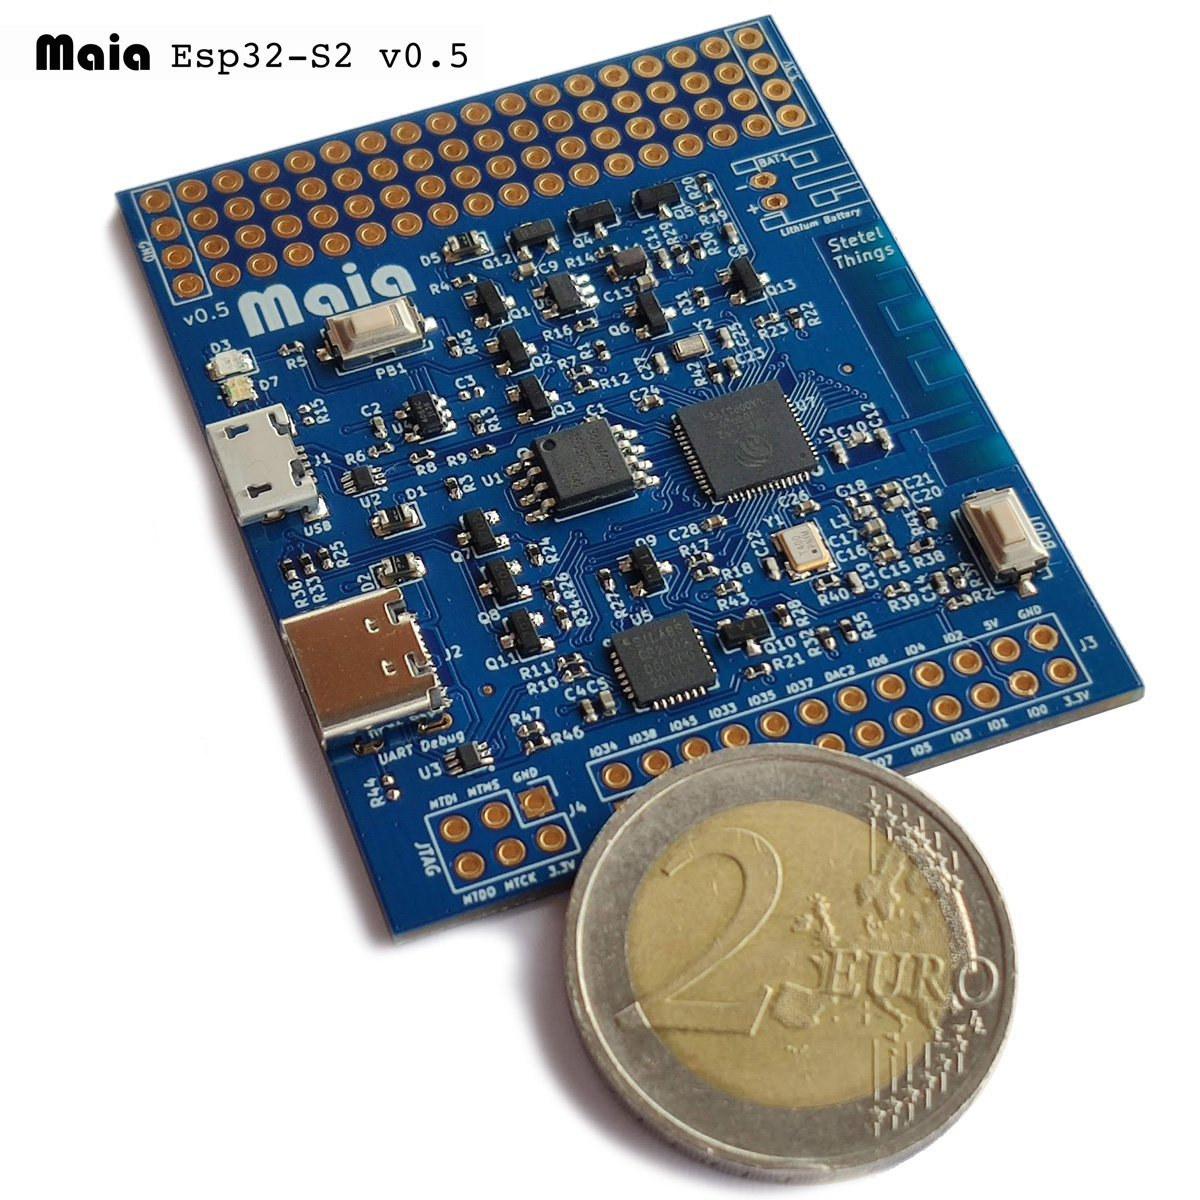 Maia ESP32-S2 Board